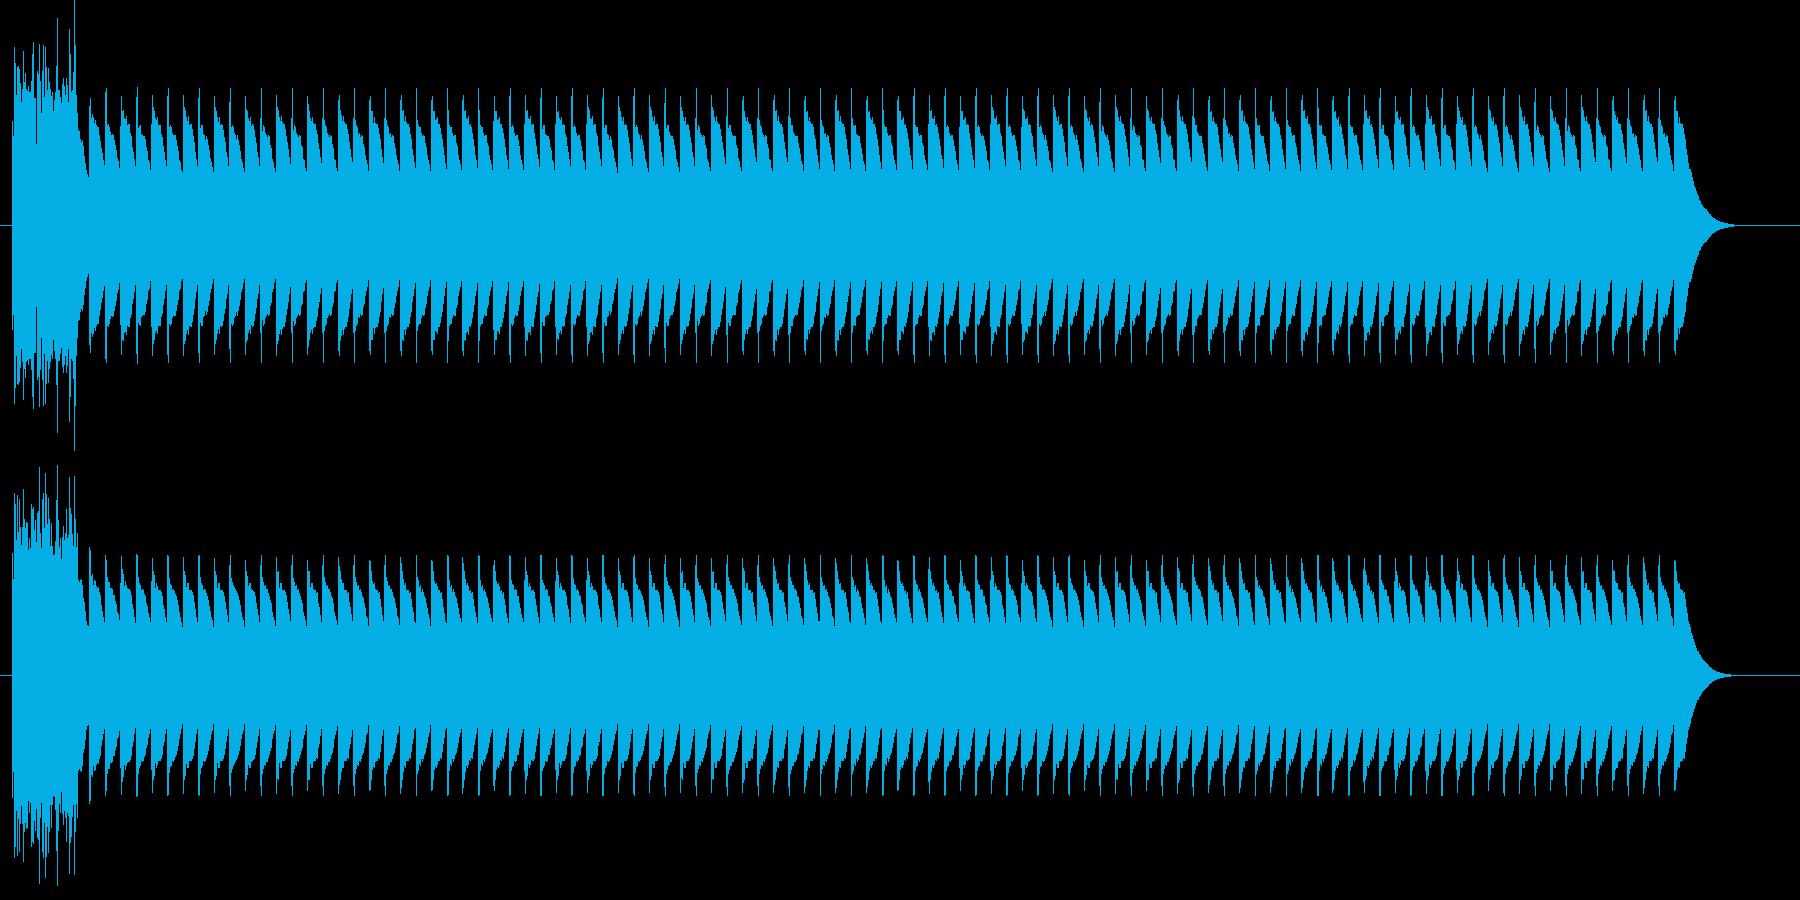 鉄道サウンド ATS警報音の再生済みの波形